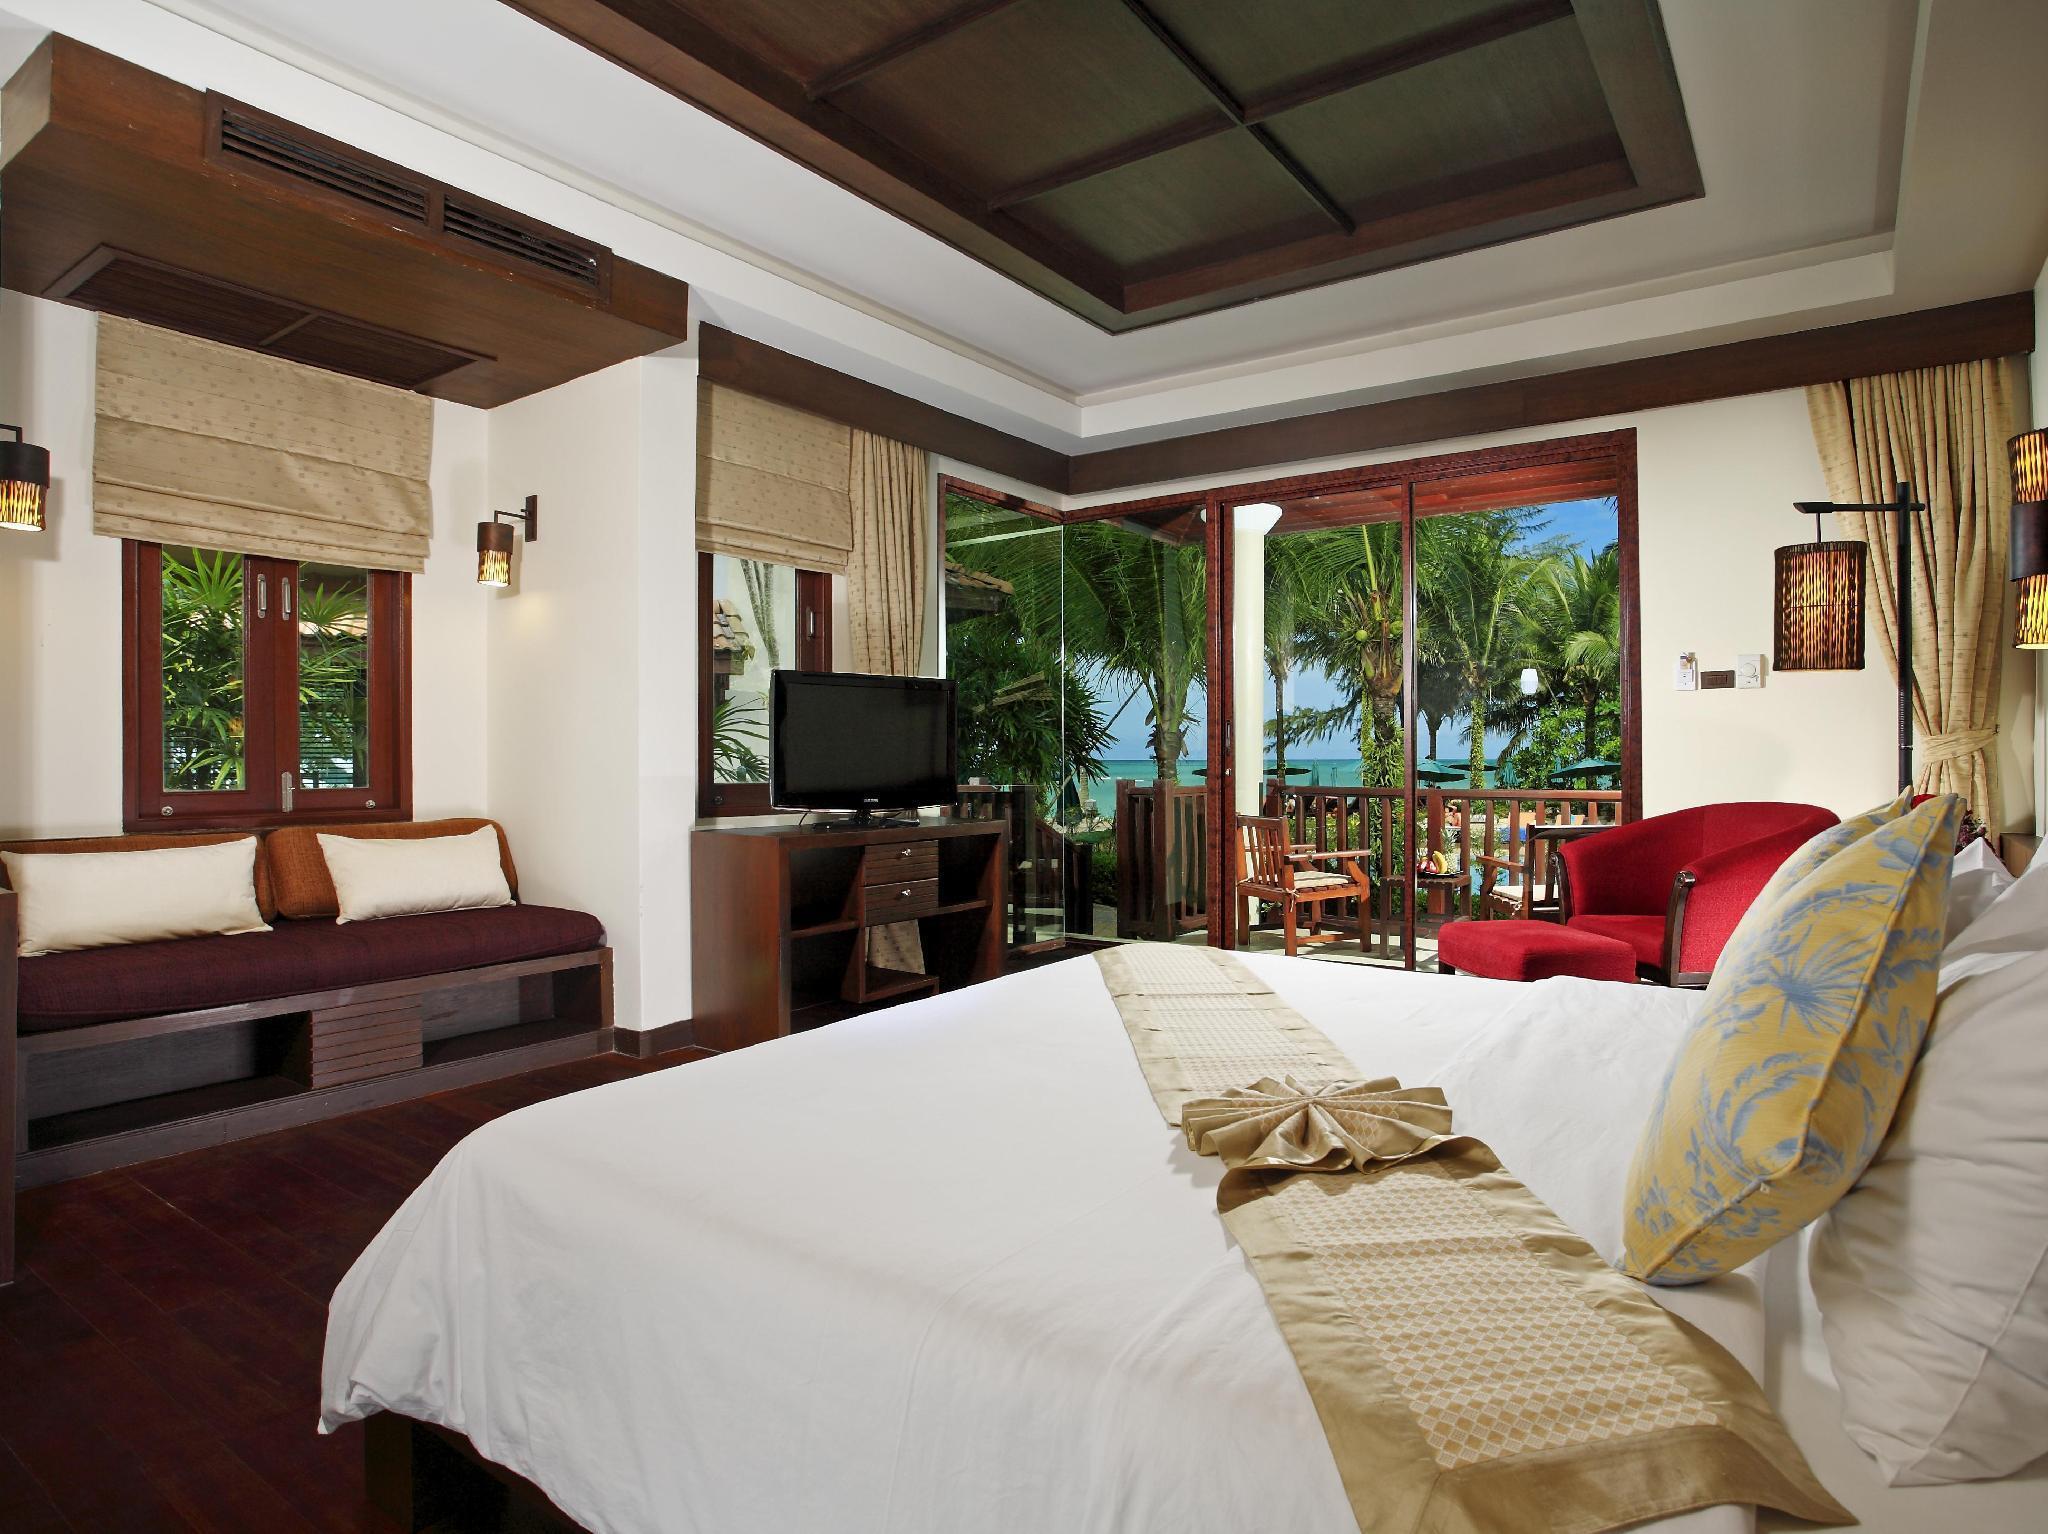 Khaolak Bay Front Hotel เขาหลัก เบย์ ฟรอนท์ รีสอร์ท